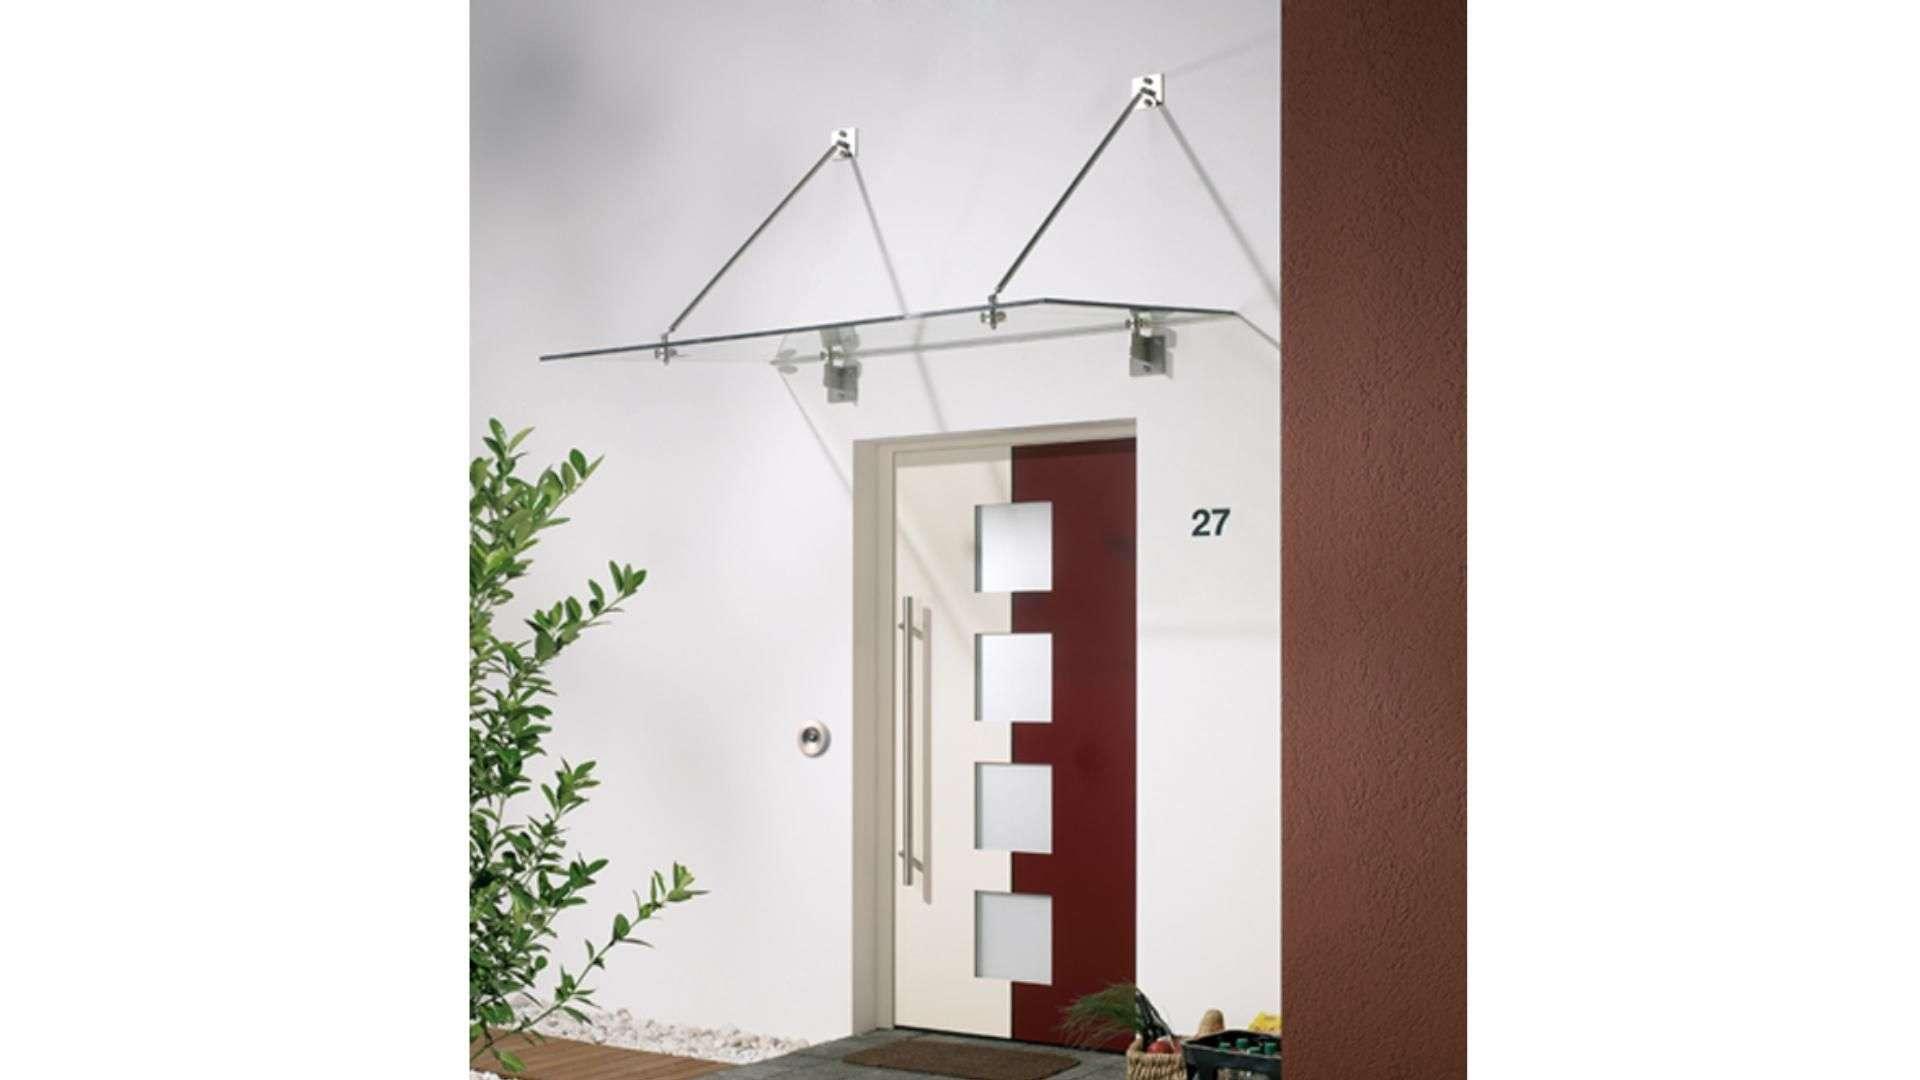 Vordach Typ Z 07 aus Glas über einer Haustür